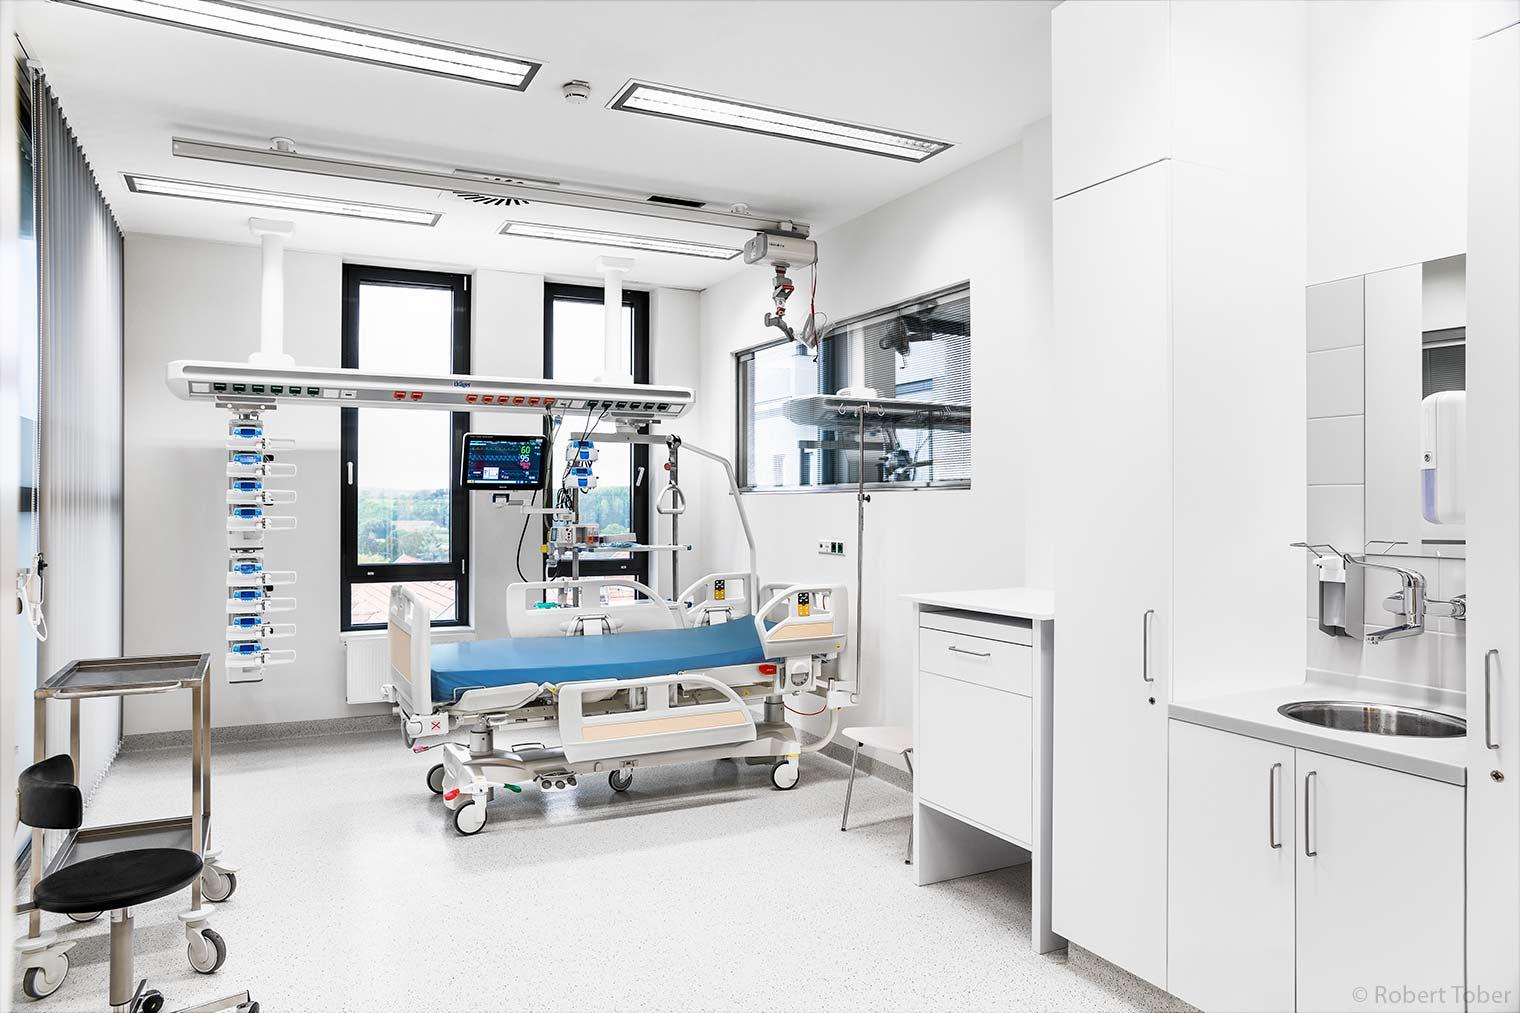 Landesklinikum Mistelbach · Intensivstation mit Krankenbett, Likorall 242 Deckenlift und Dräger Decken-Steckdosenleiste und Patienten Monitoring · © Robert Tober Architekturfotograf